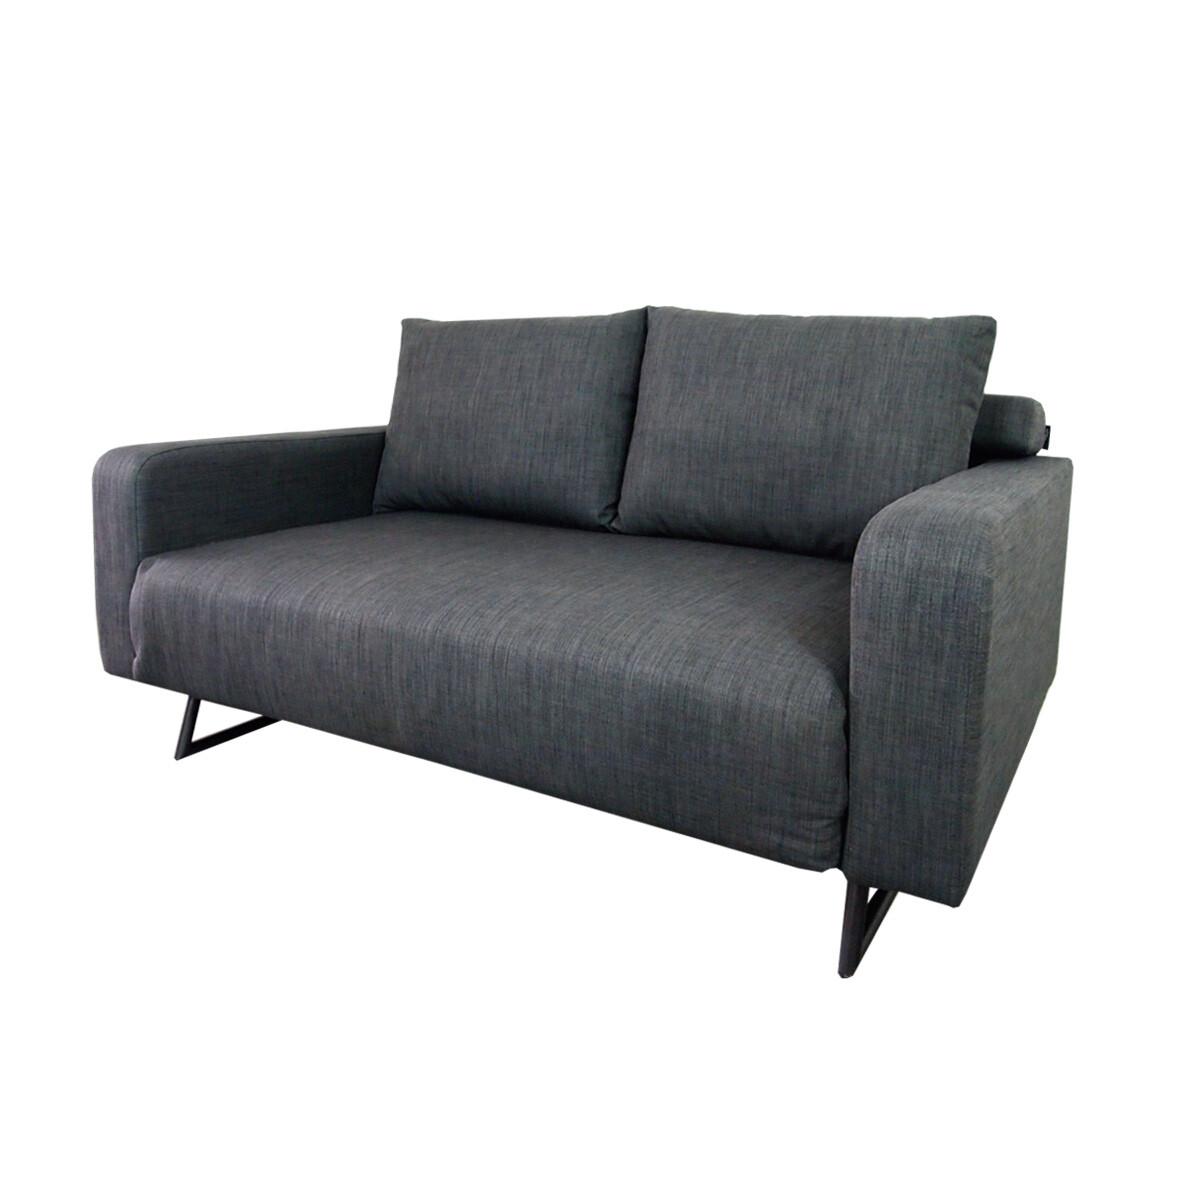 Sofa bed singapore review for Small sofa singapore